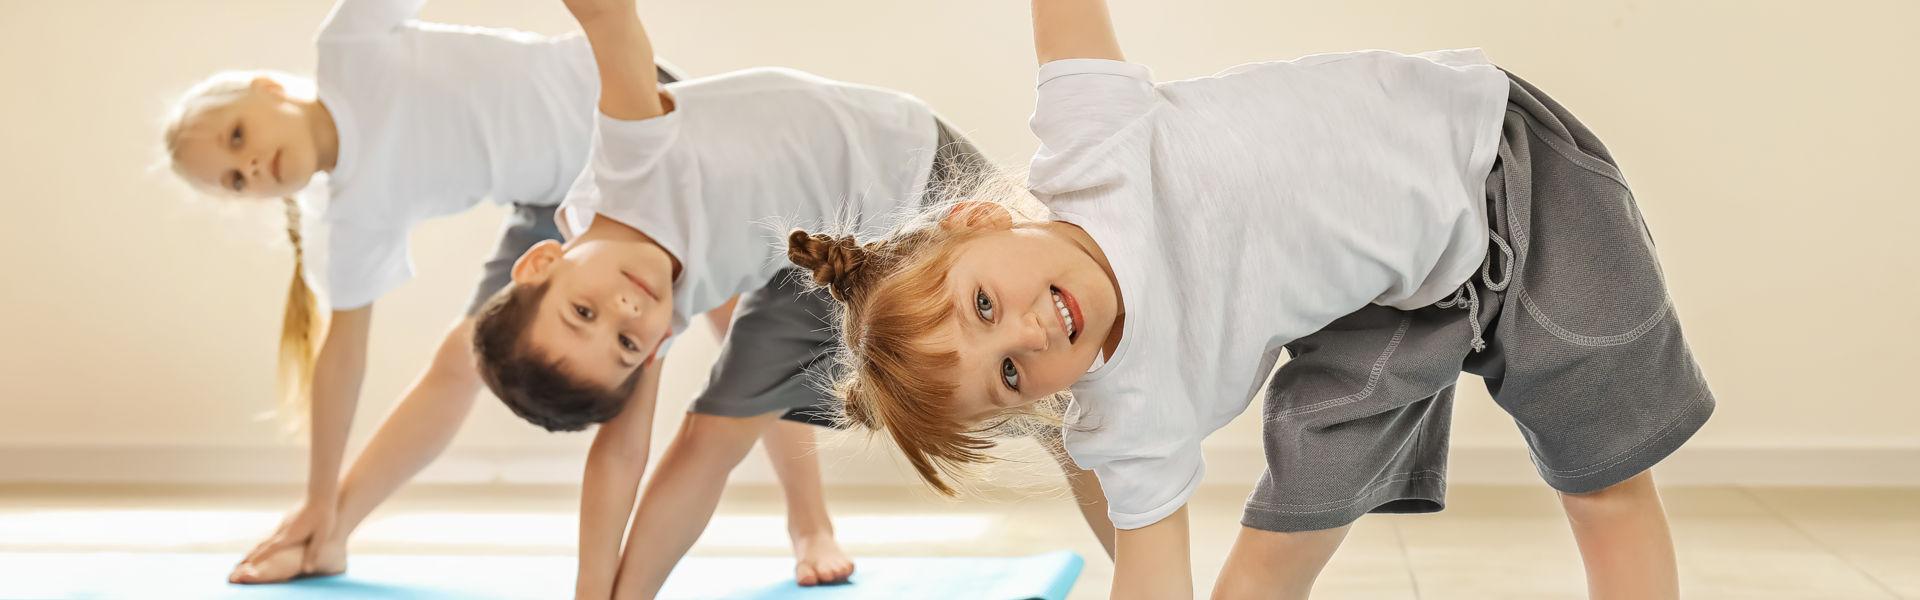 Ich biete Ihnen Kinder Yogakurse in Rostock an.